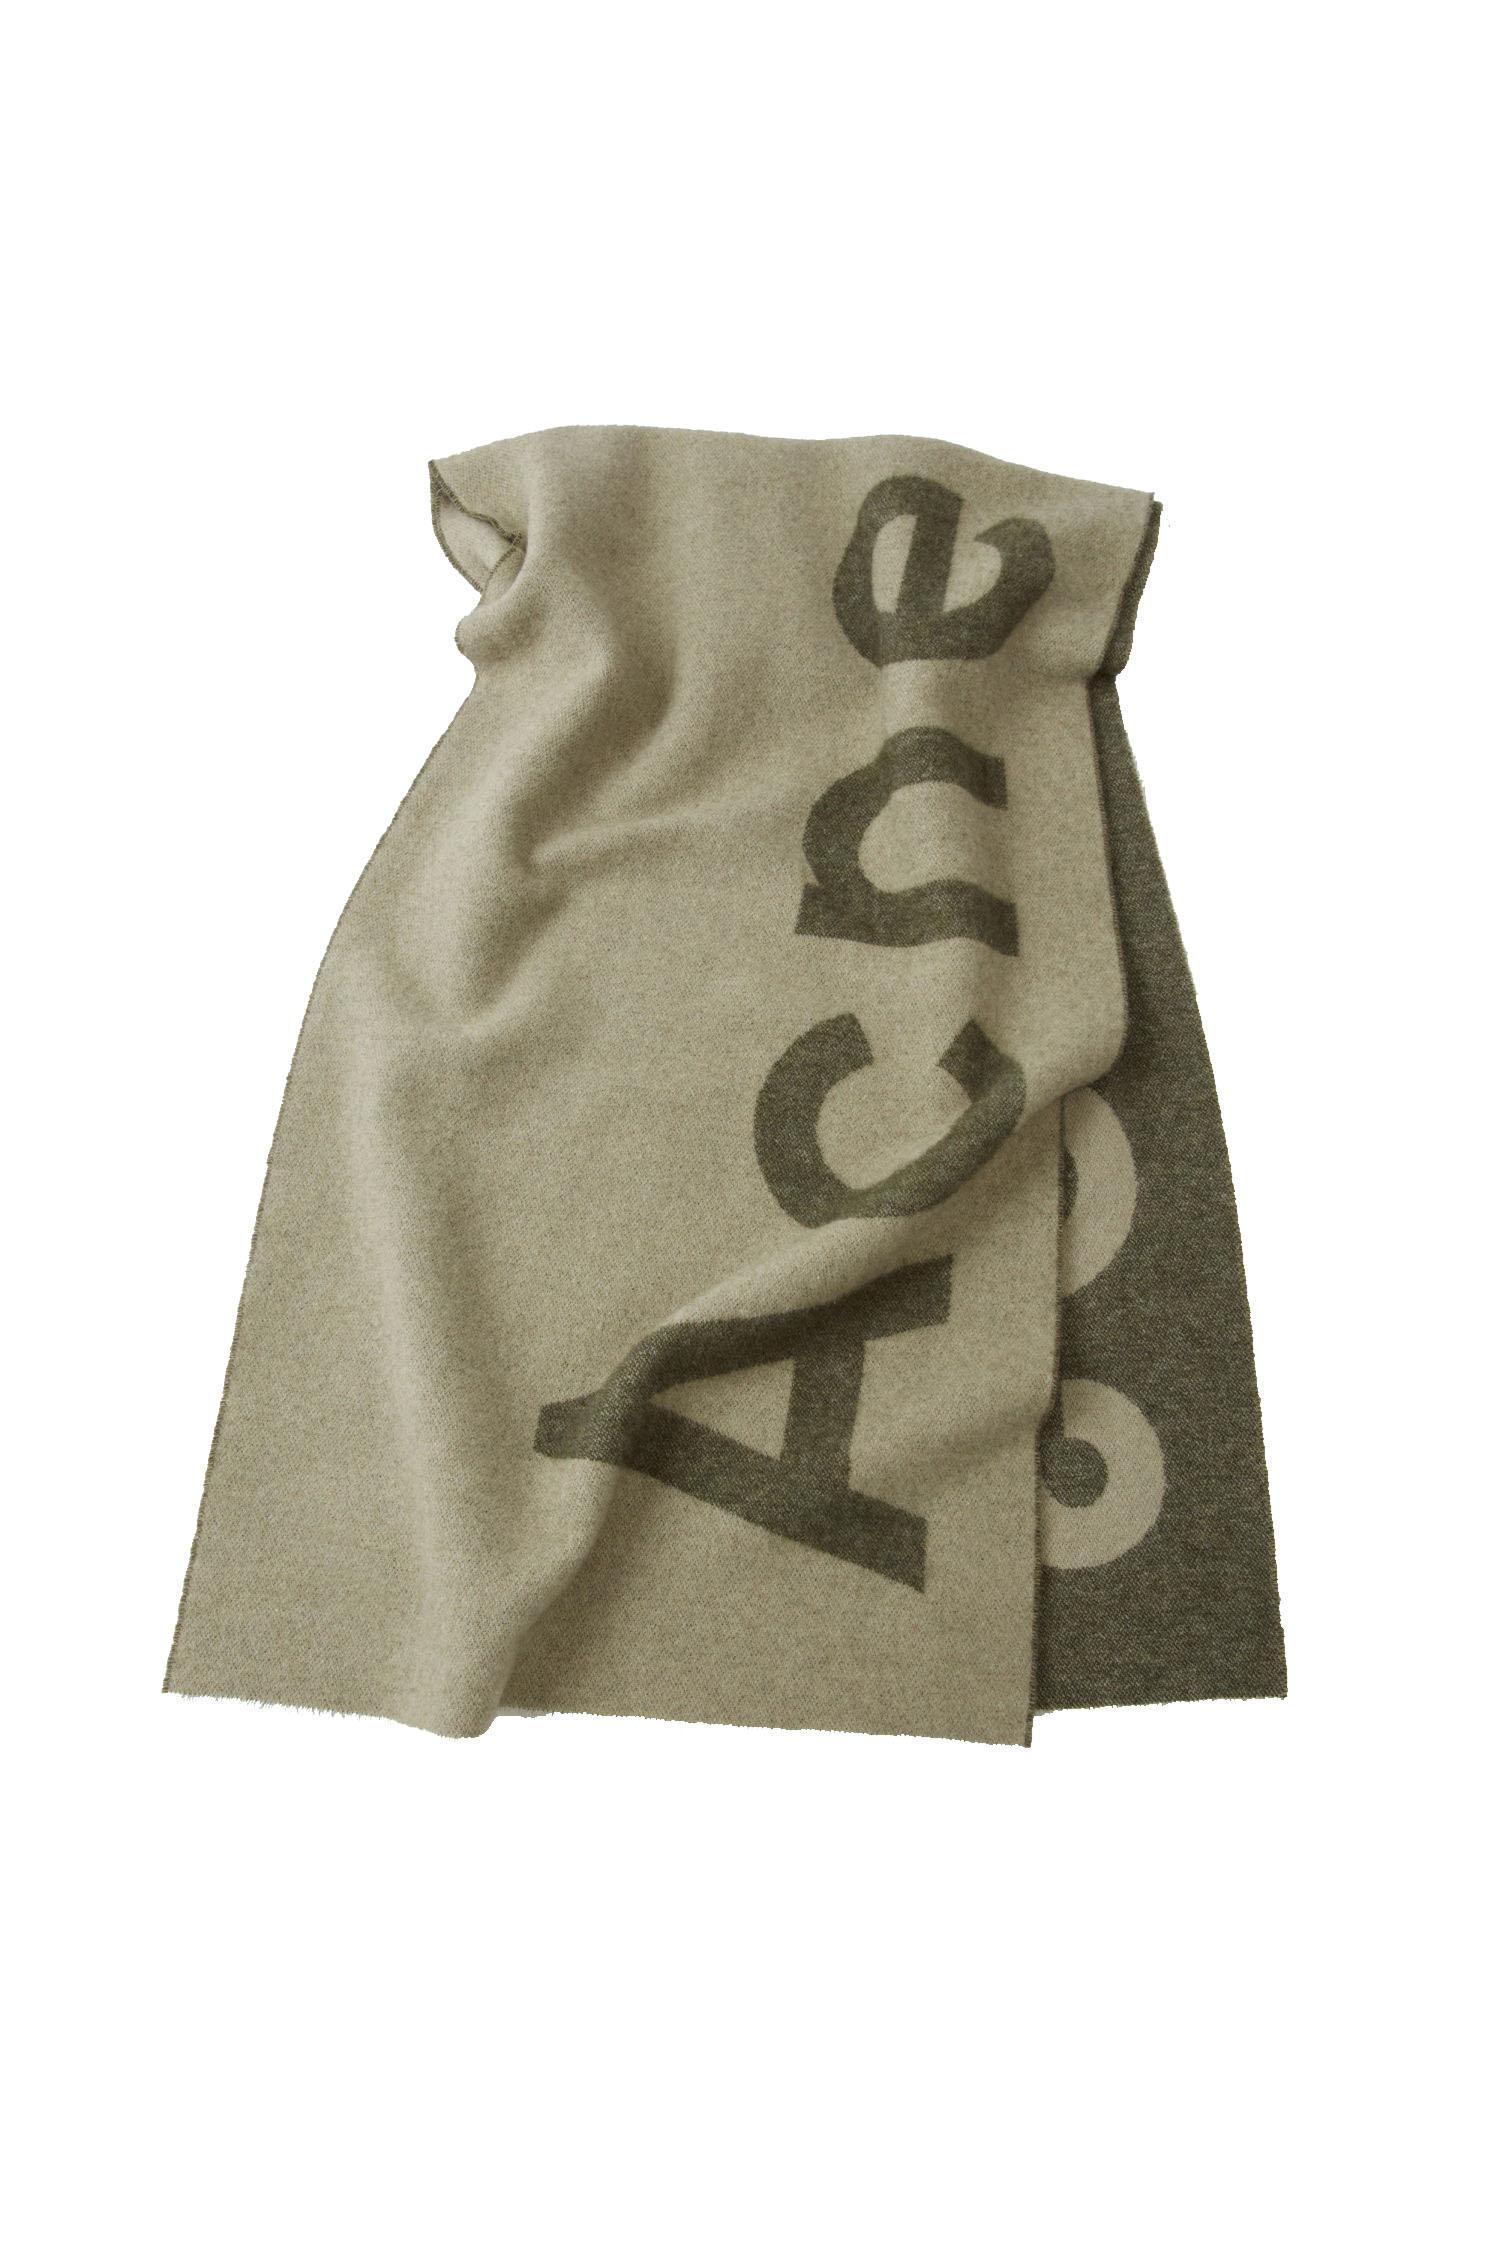 Image of   ACNE STUDIOS Acne Studios Logo Tørklæde Toronty Forrest Green/Light Beige